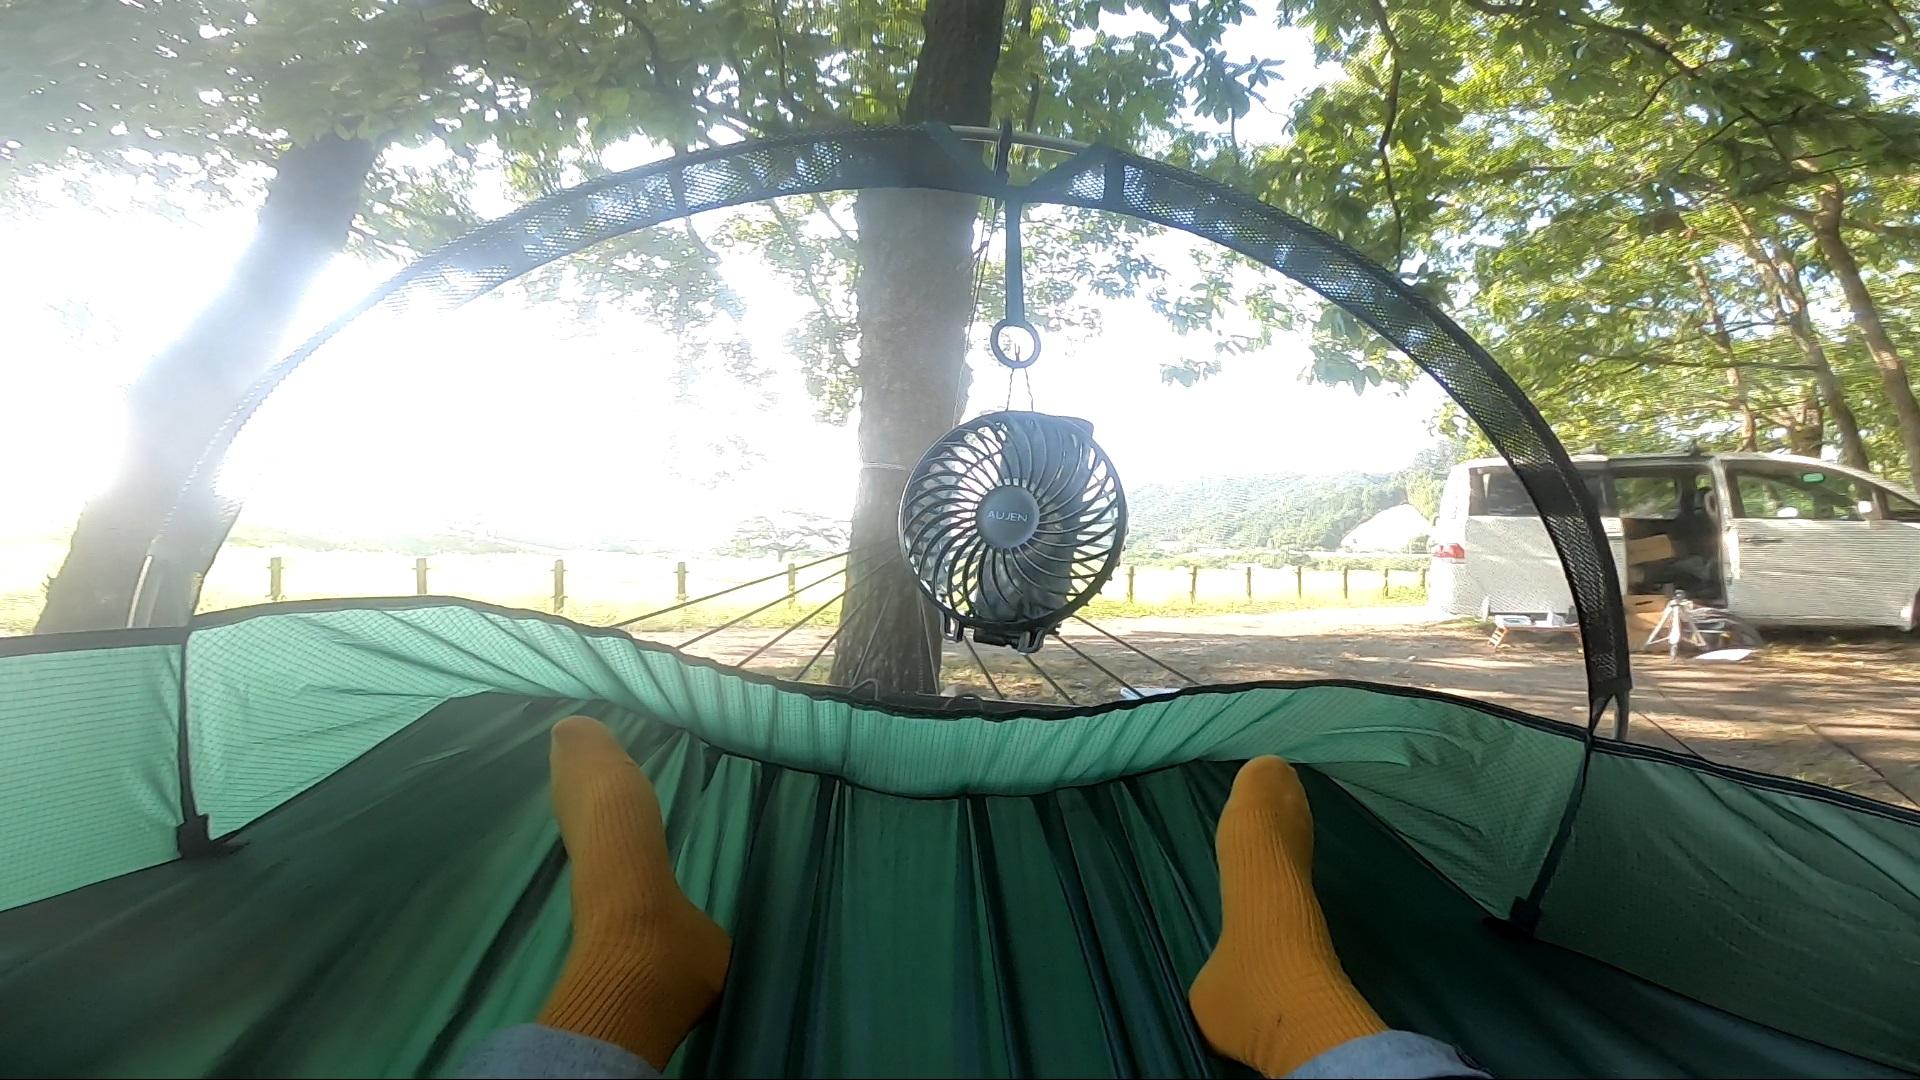 ハンモックに扇風機を吊り下げて換気することもある (画像はフライシートを外したハンモック)